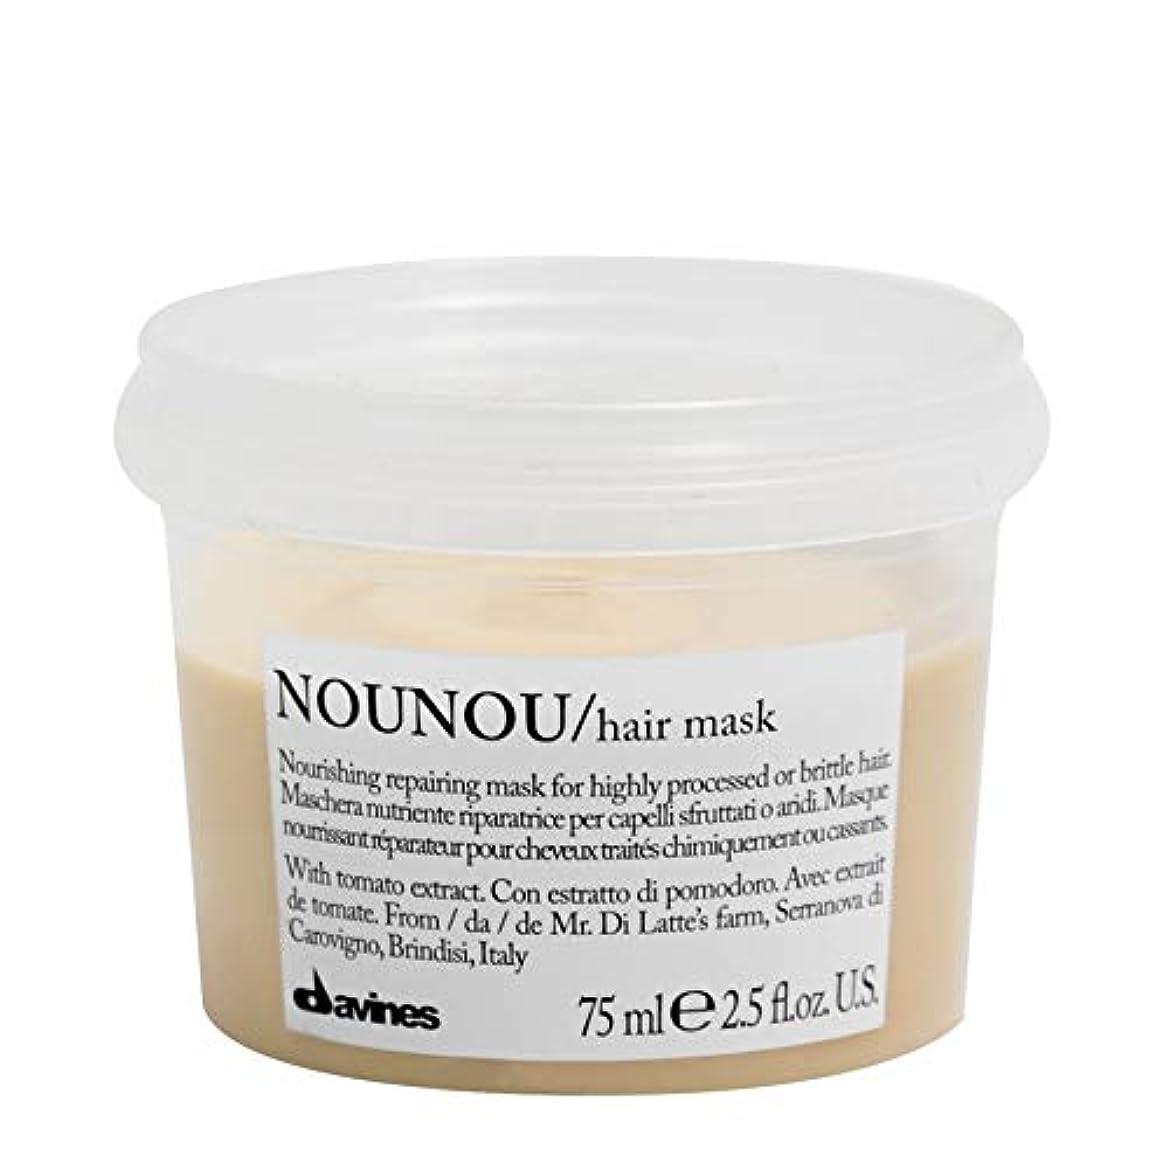 パンチに向かって不機嫌そうな[Davines ] ヘアマスク75ミリリットルノウノウダヴィネス - Davines NouNou Hair Mask 75ml [並行輸入品]